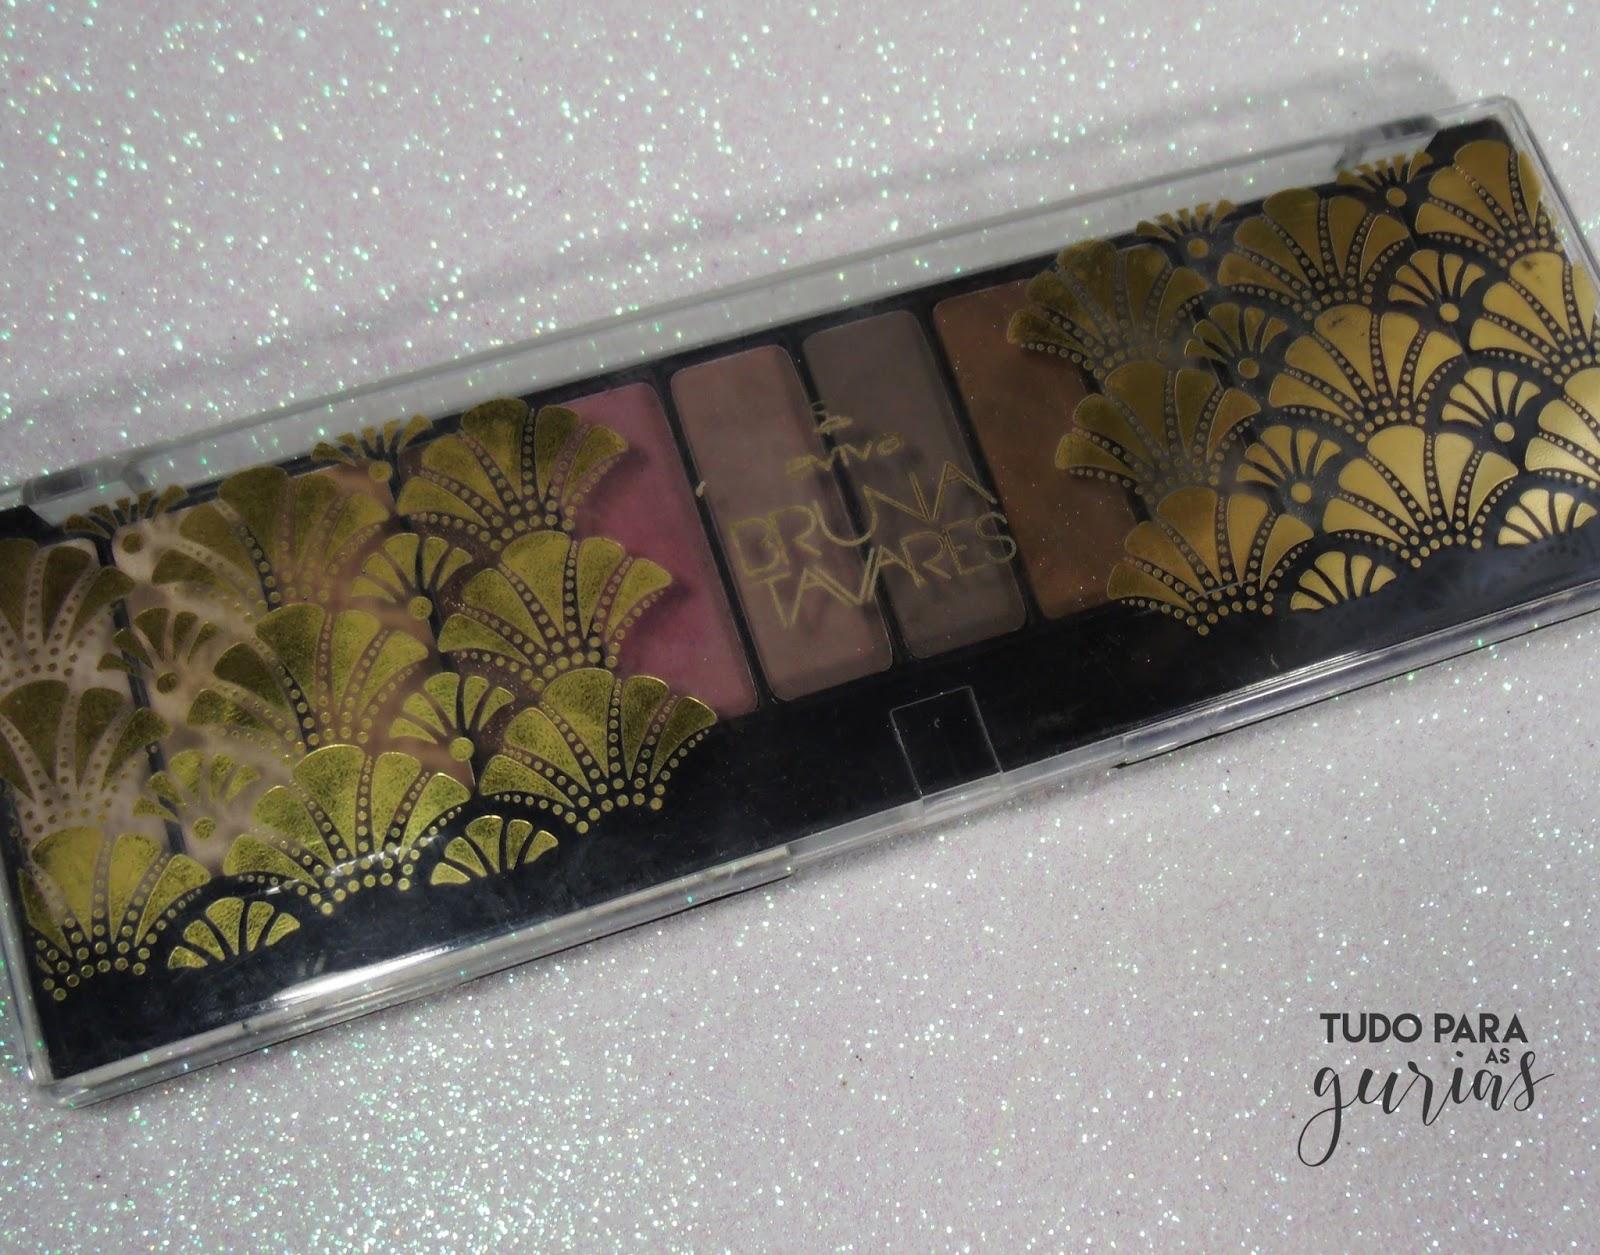 Resenha: Palette de sombras Très Chic da Bruna Tavares para Jequiti.